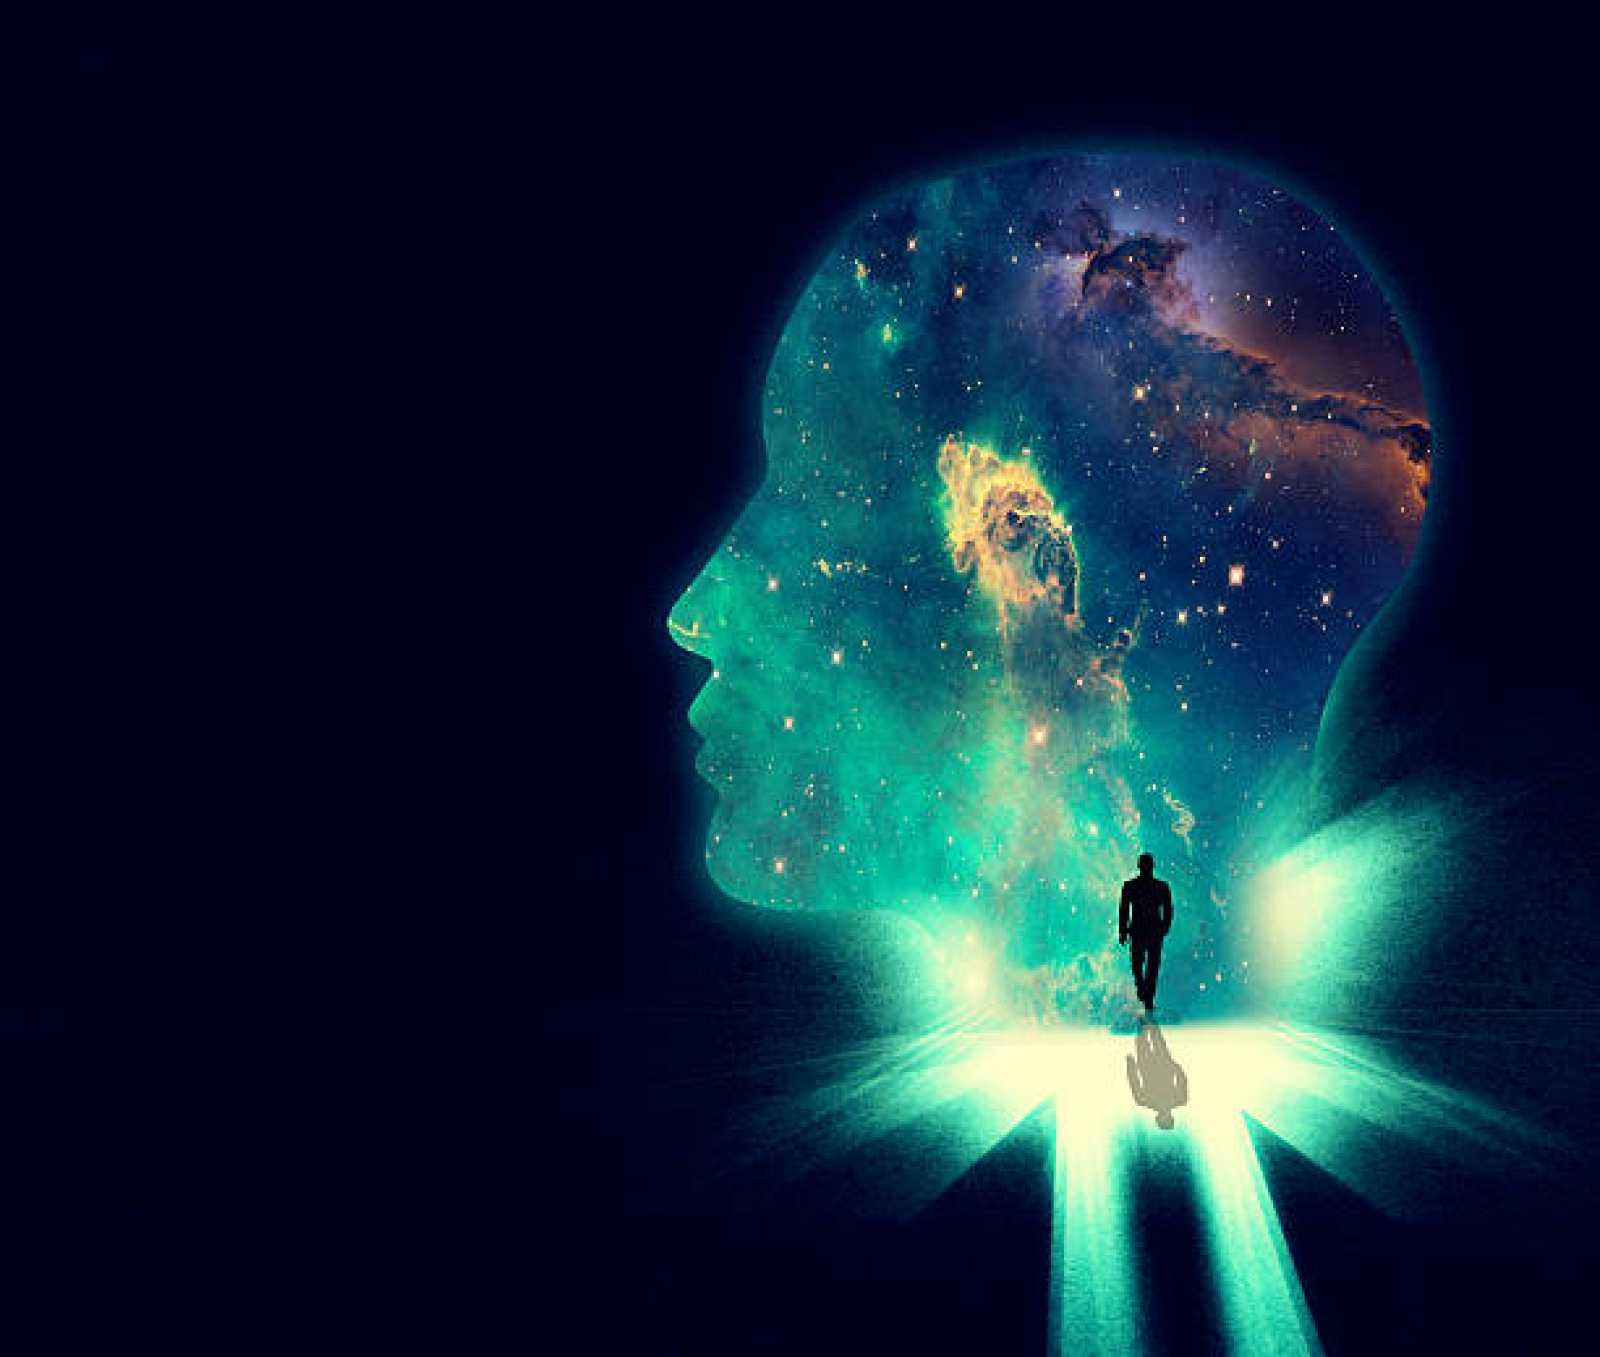 Espacio en blanco - Espiritismo digital - 11/04/21 - escuchar ahora